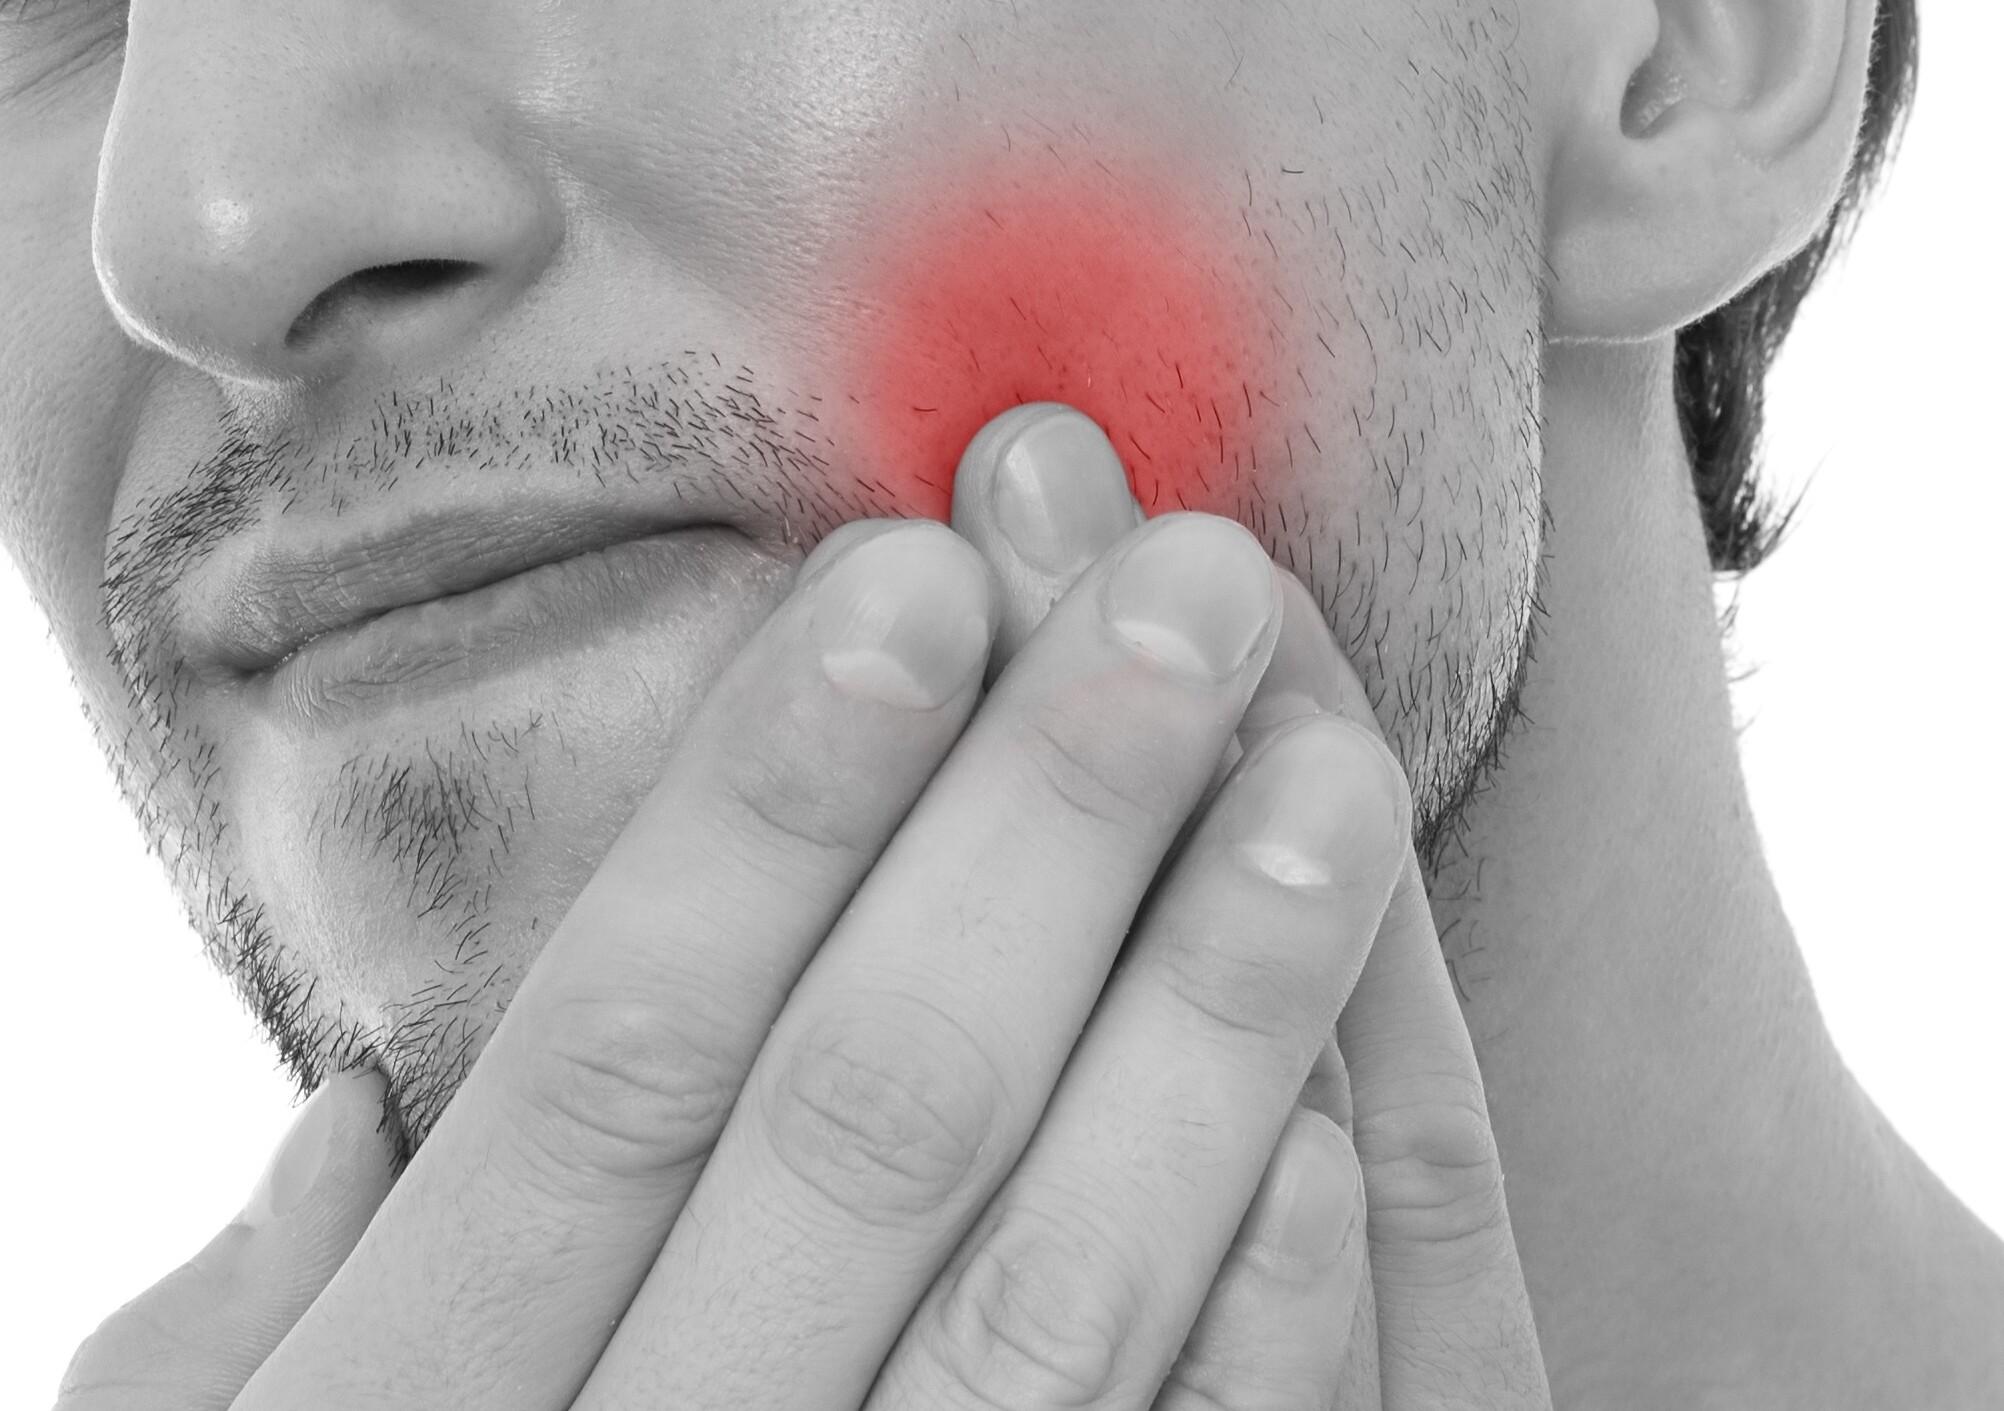 Emergency Room or Dentist for a Dental Emergency?